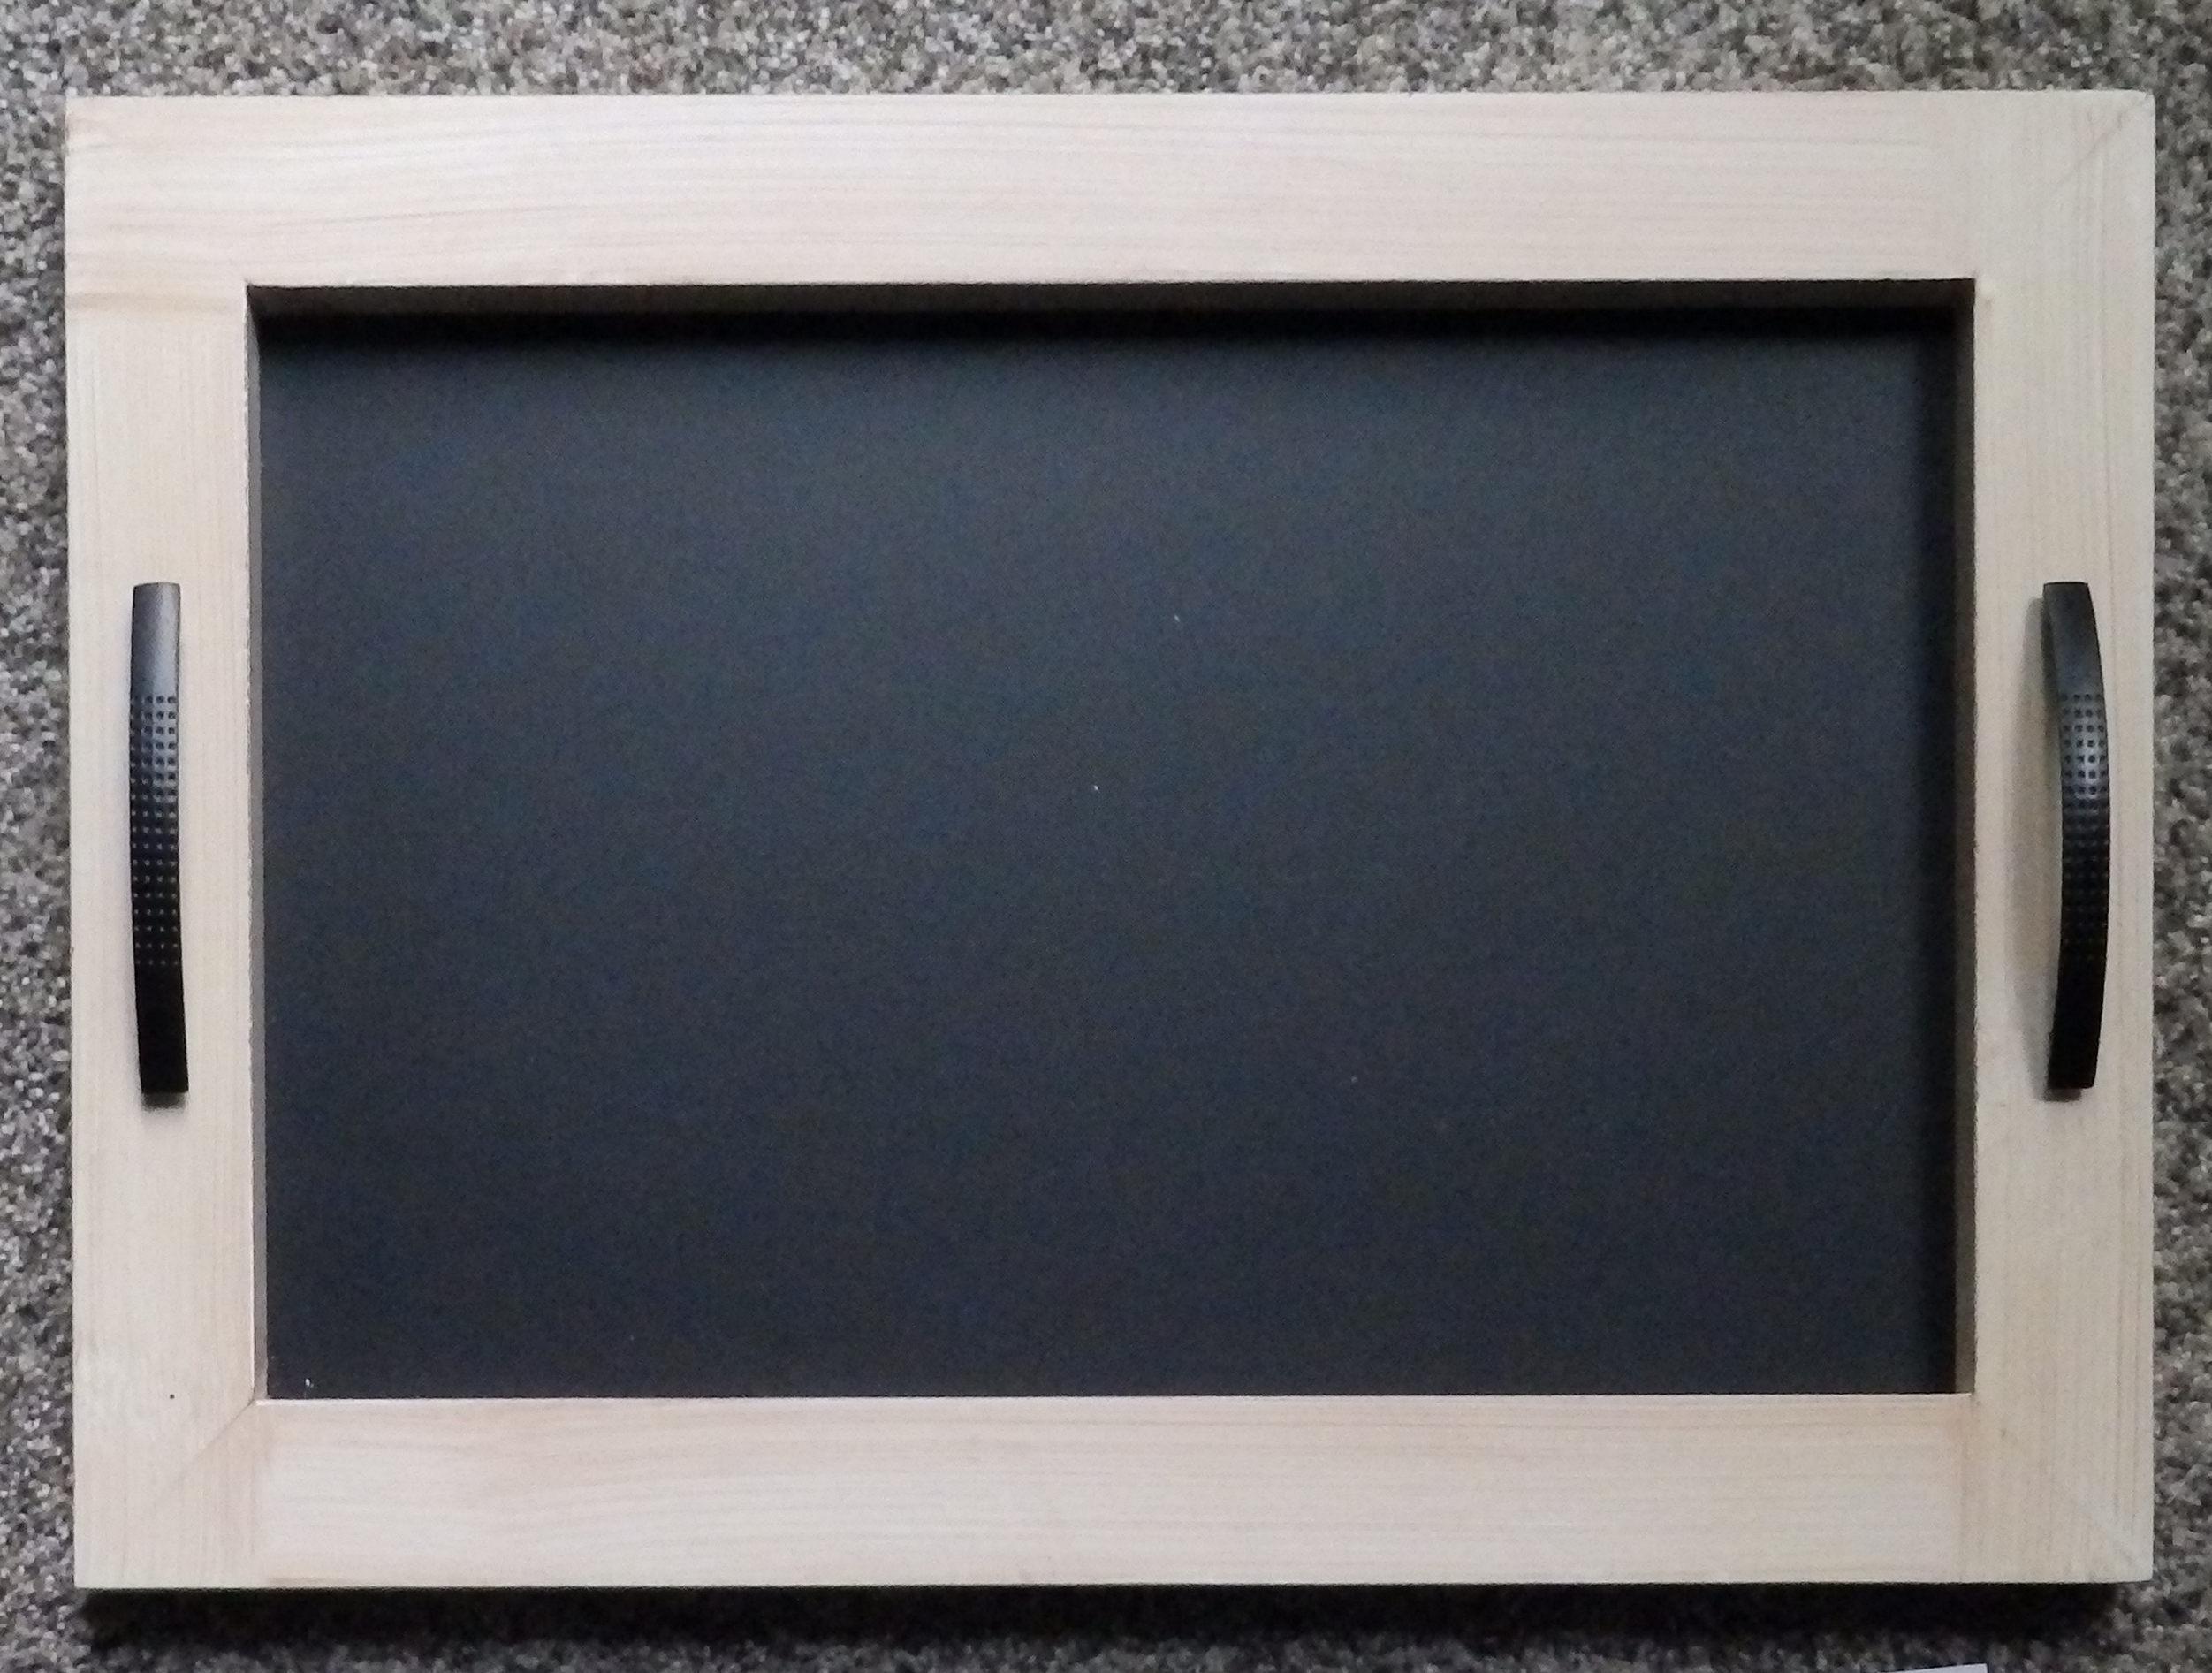 wood-chalboard-tray-twa64474-.jpg